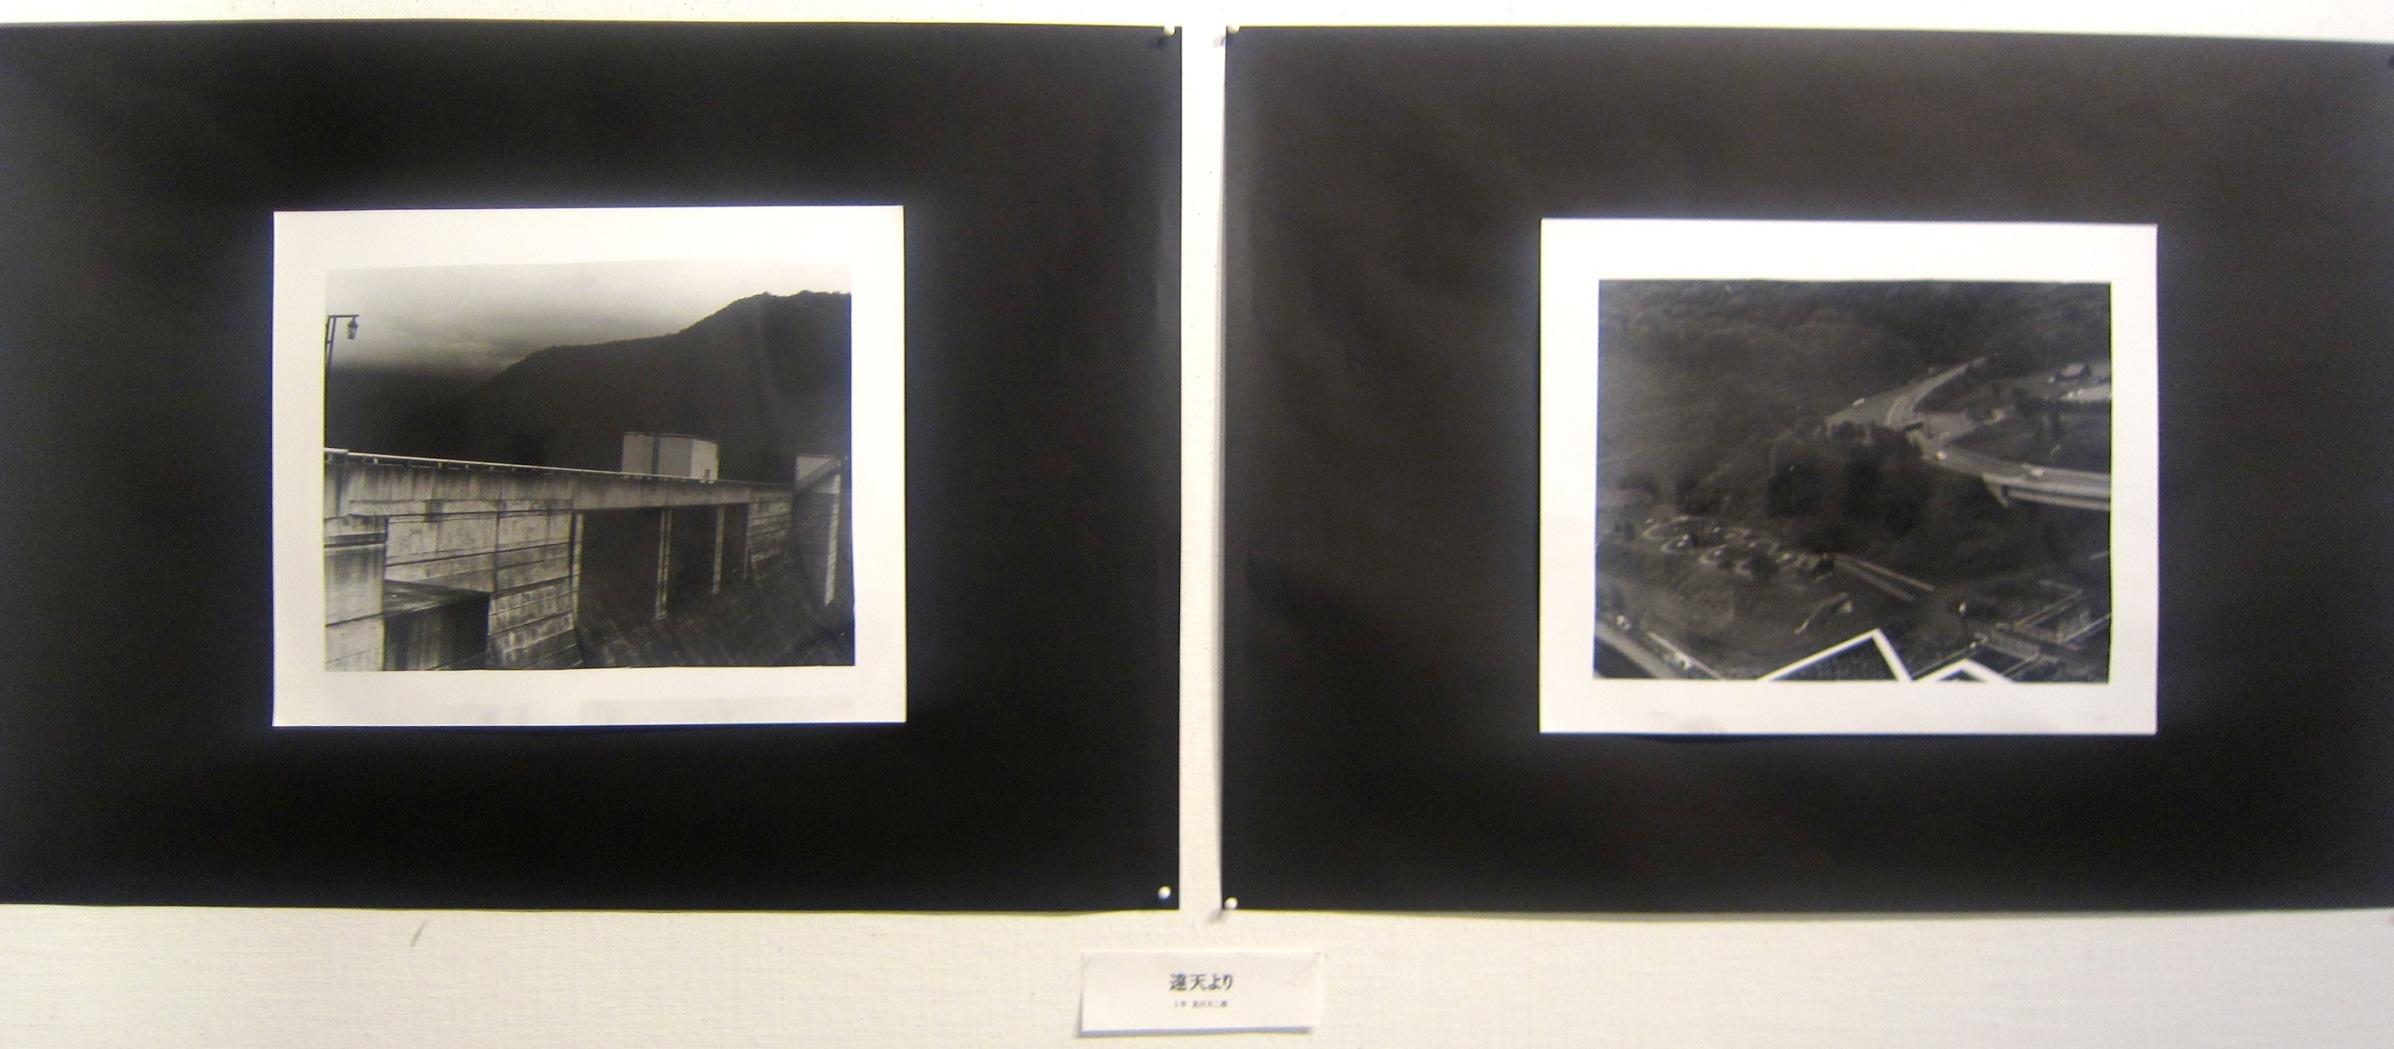 1943)①「札幌大学写真部 卒業写真展 & 学外写真展」 市民g. 終了2月20日(水)~2月24日(日)  _f0126829_22115465.jpg